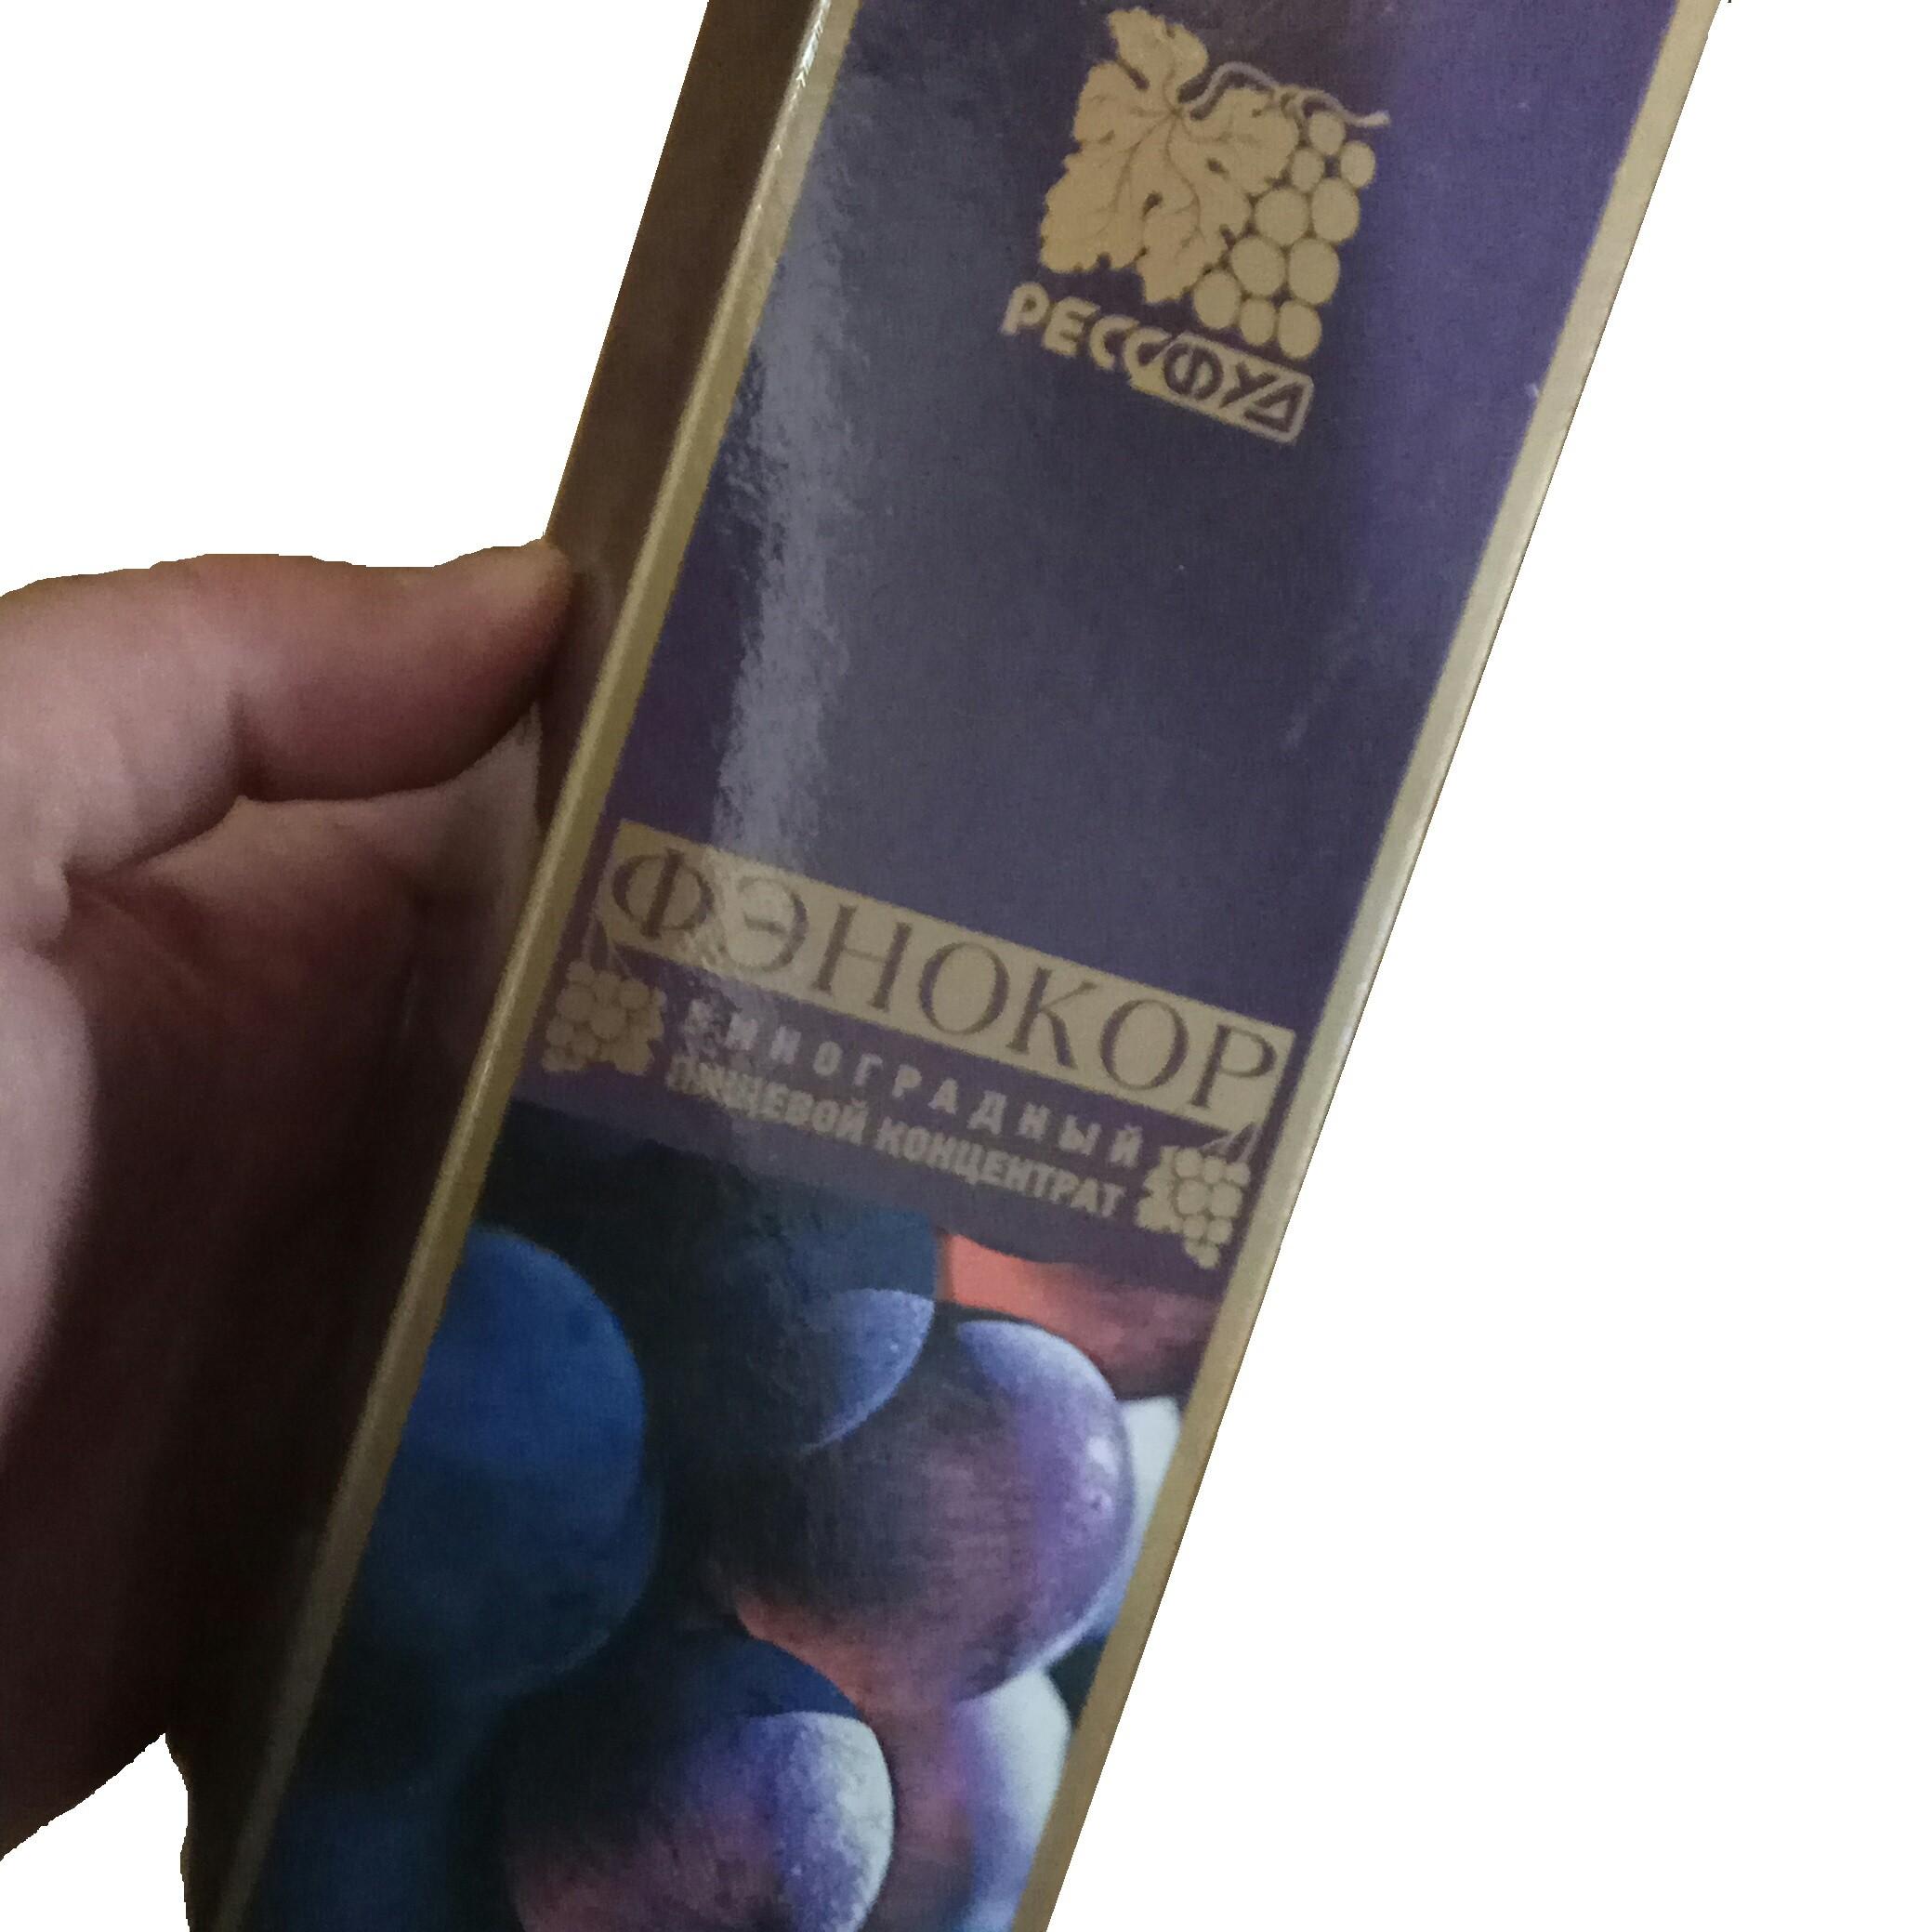 Фэнокор природный мощный концентрированный виноградный оксидант 250 мл. упаковка доставка по России